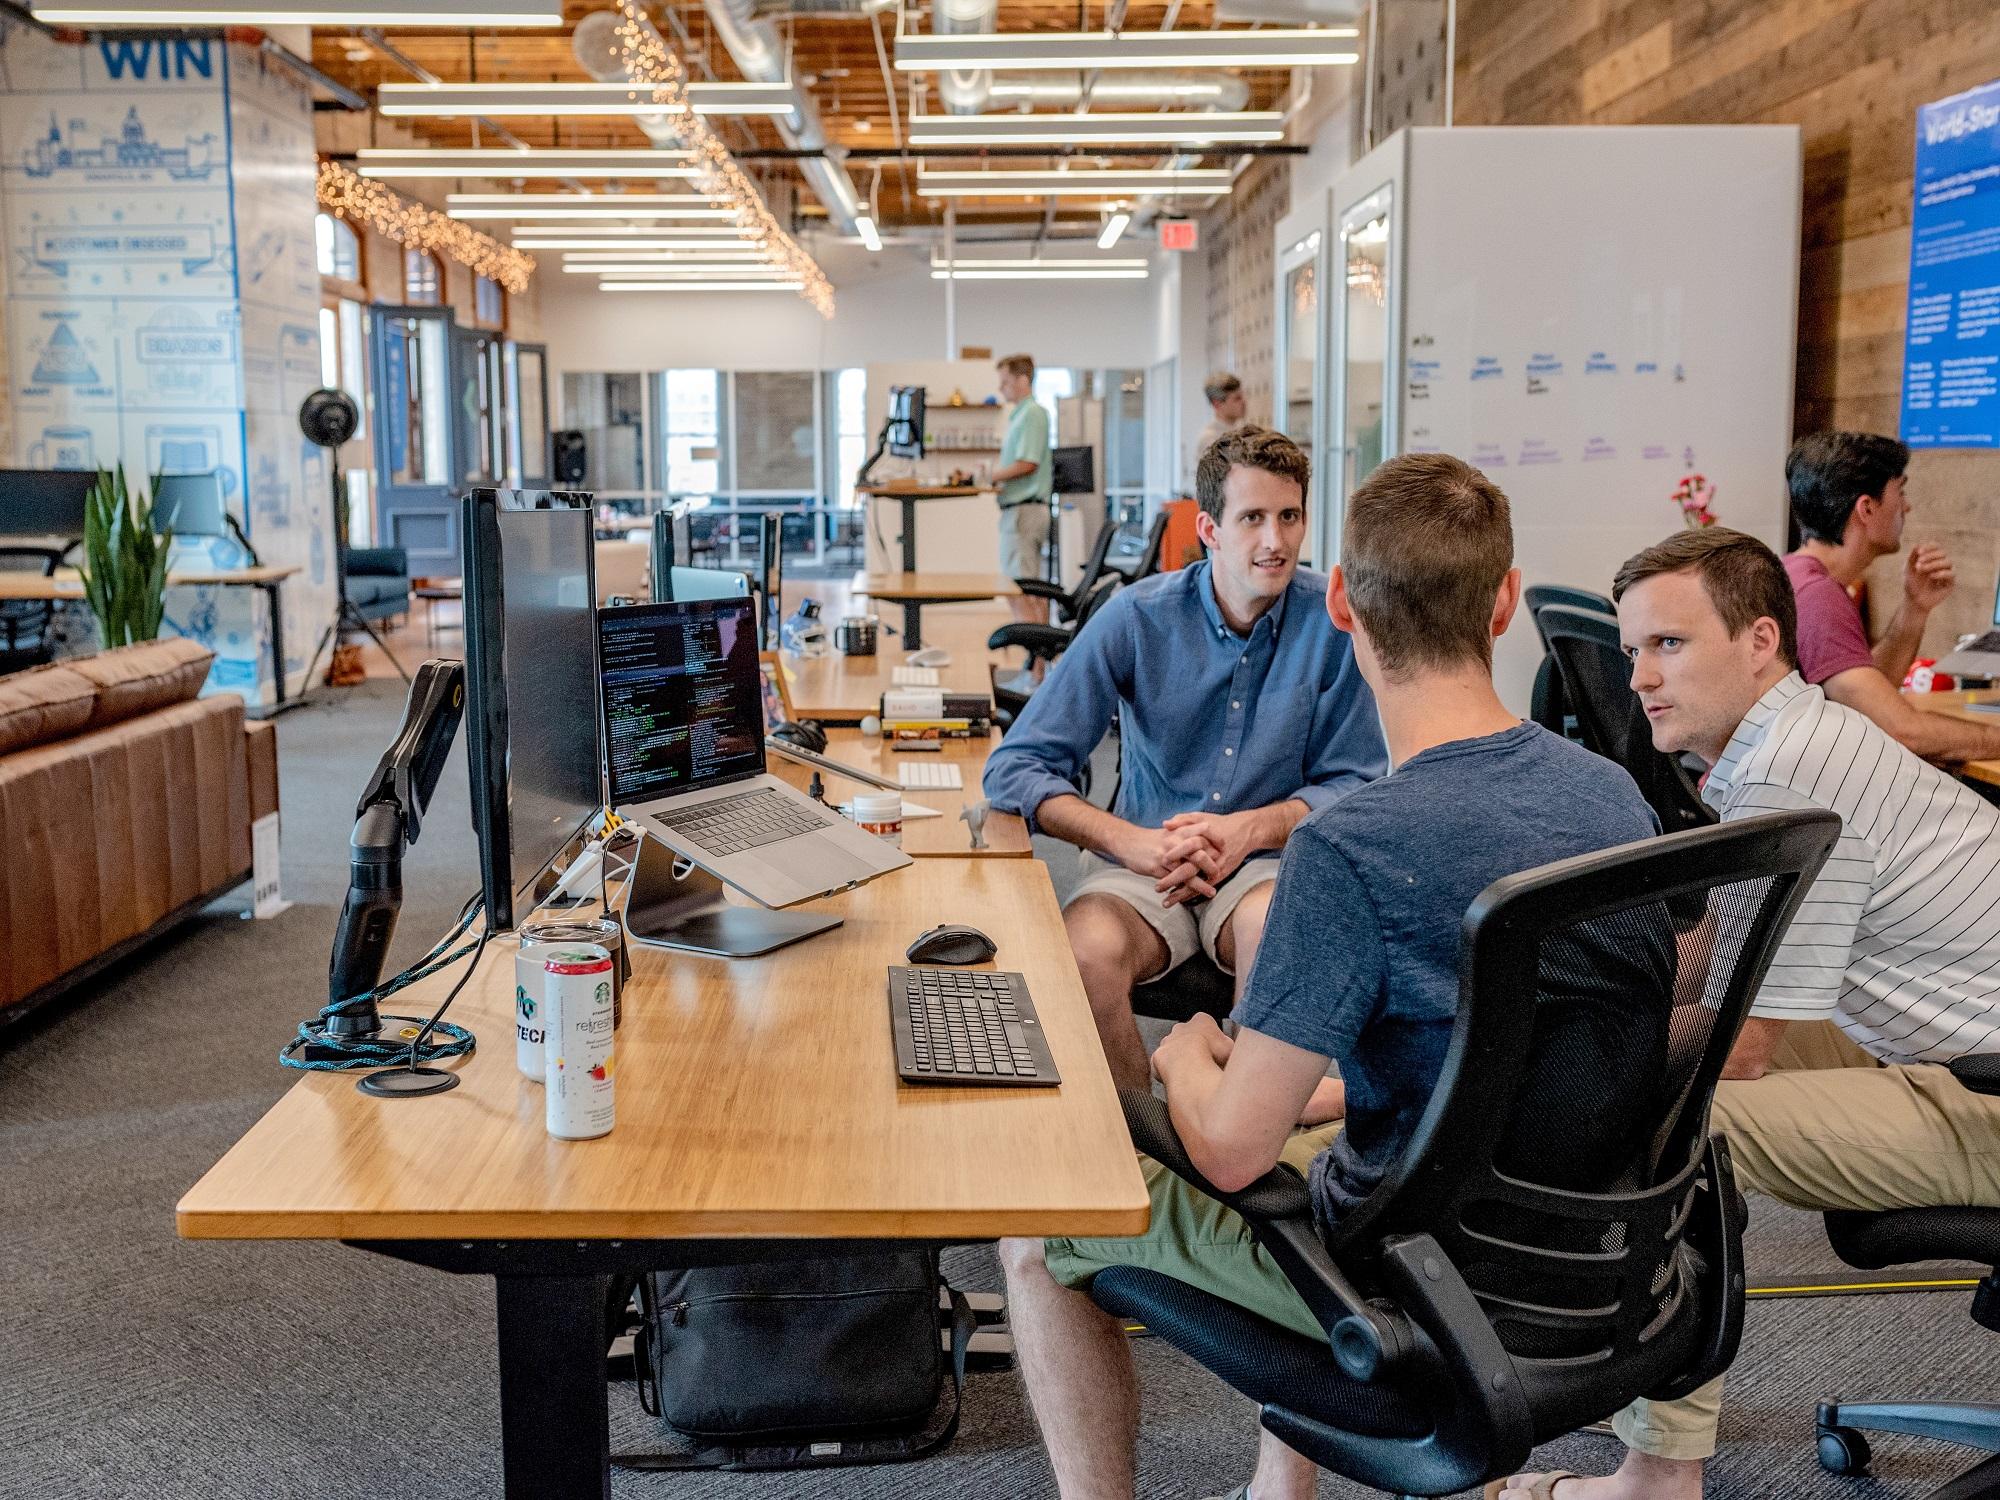 Pourquoi utiliser un logiciel de gestion des ressources humaines pour votre agence de marketing ?